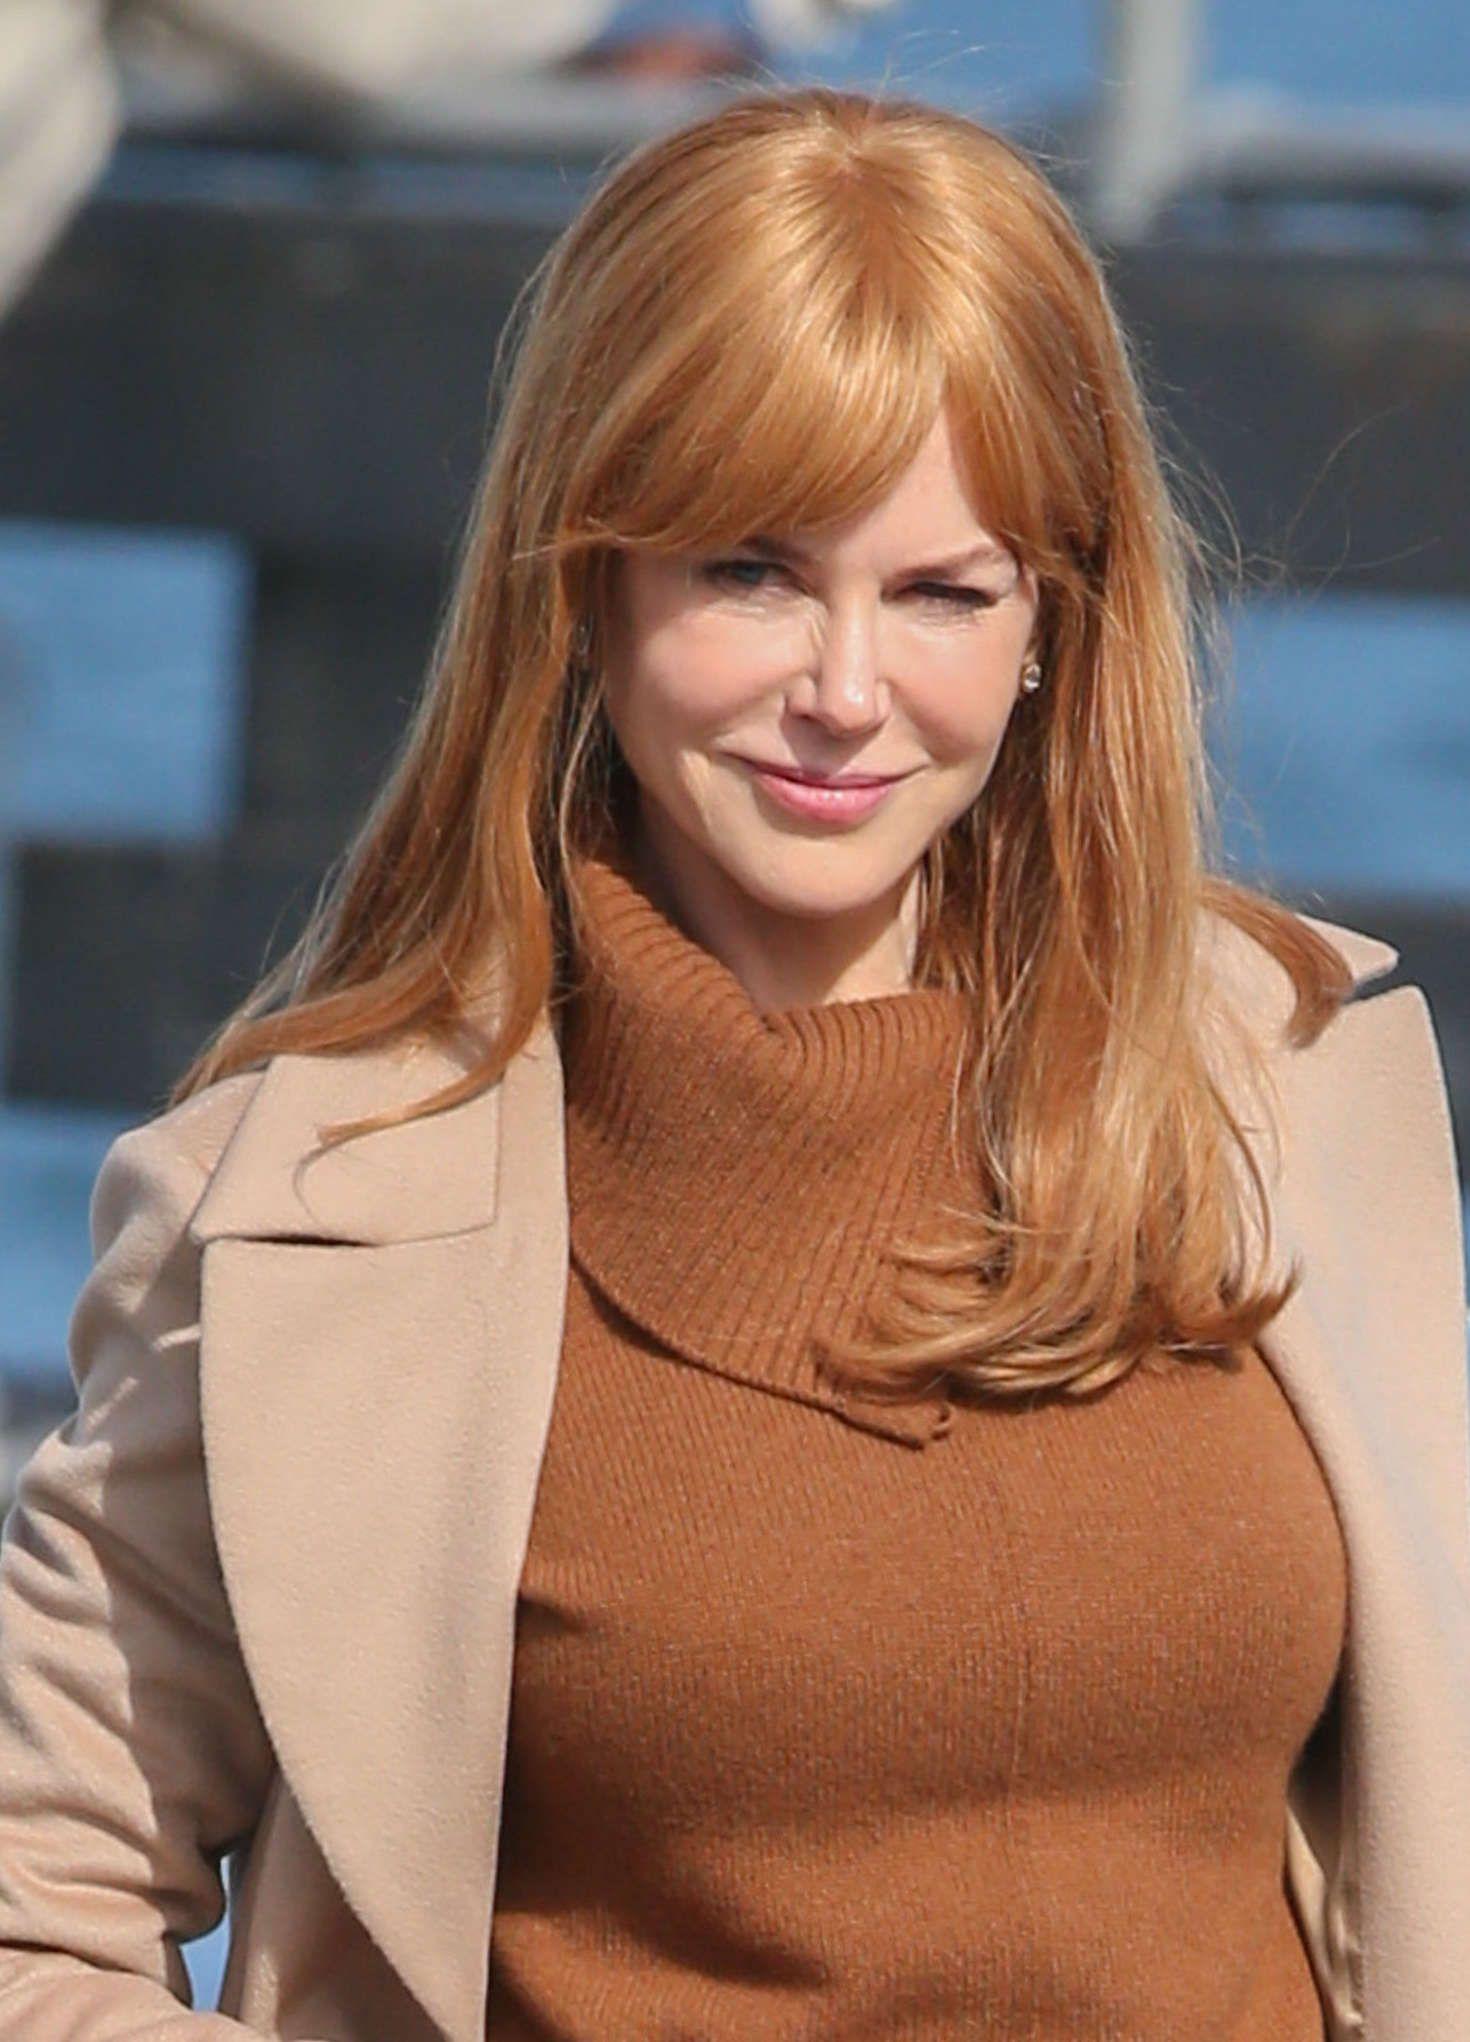 Nicole Kidman Filming Big Little Lies 03 Jpg 1470 2042